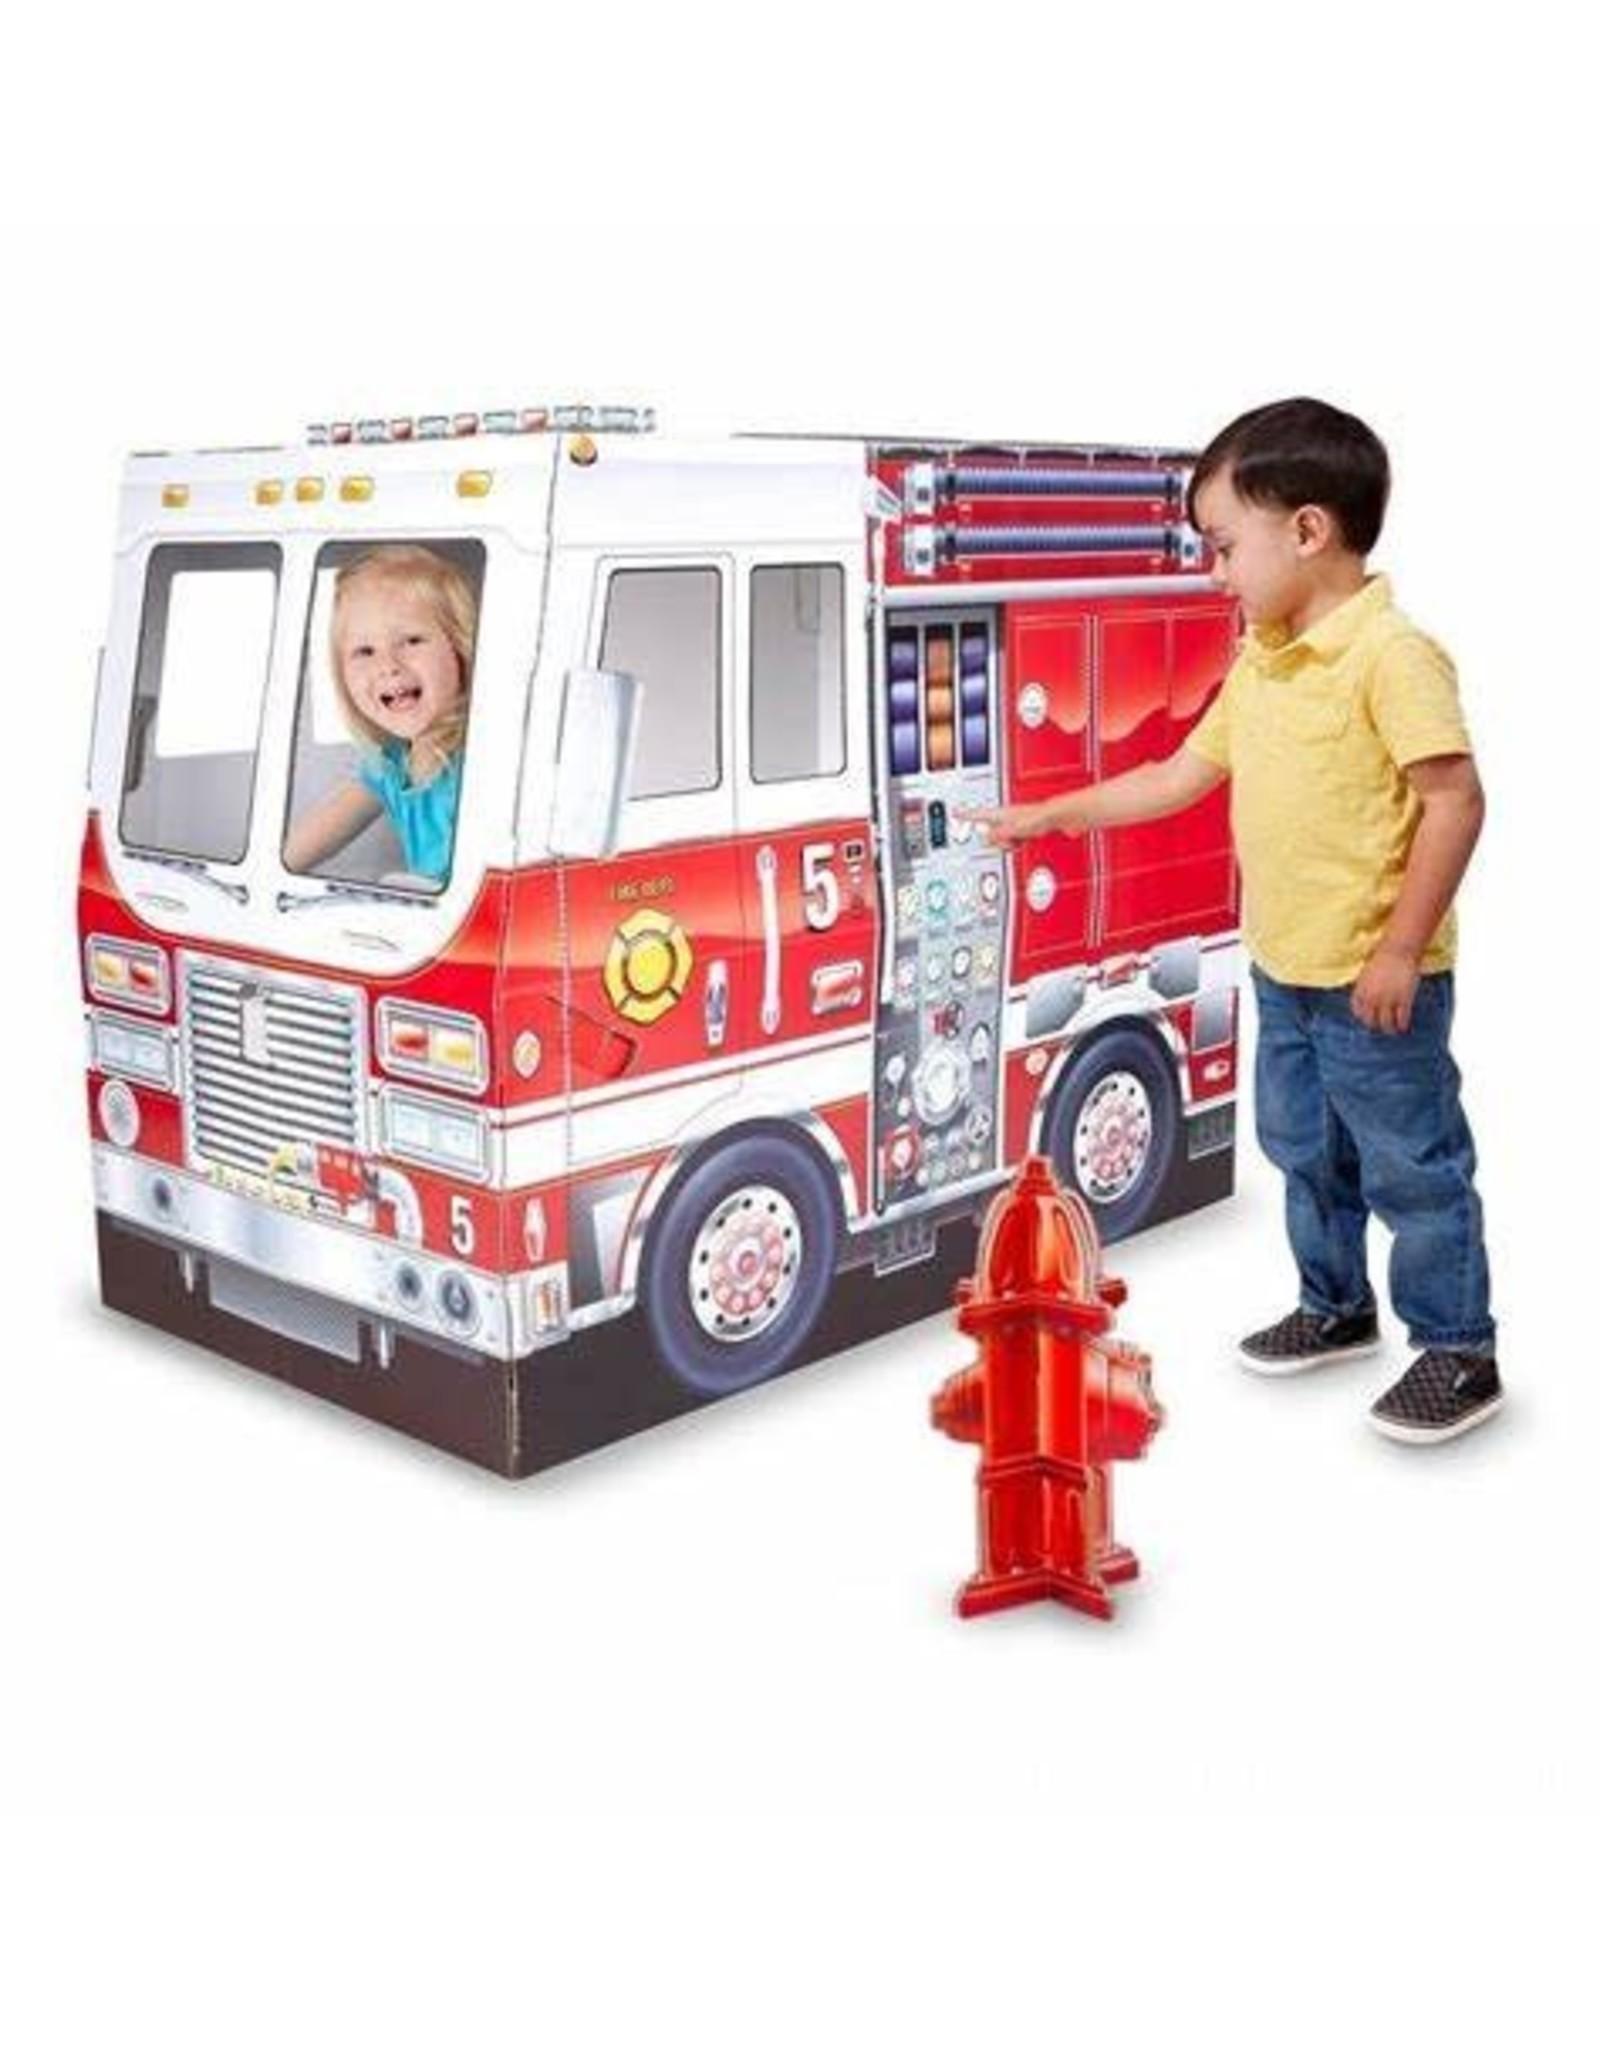 Melissa & Doug Fire Truck Play Tent